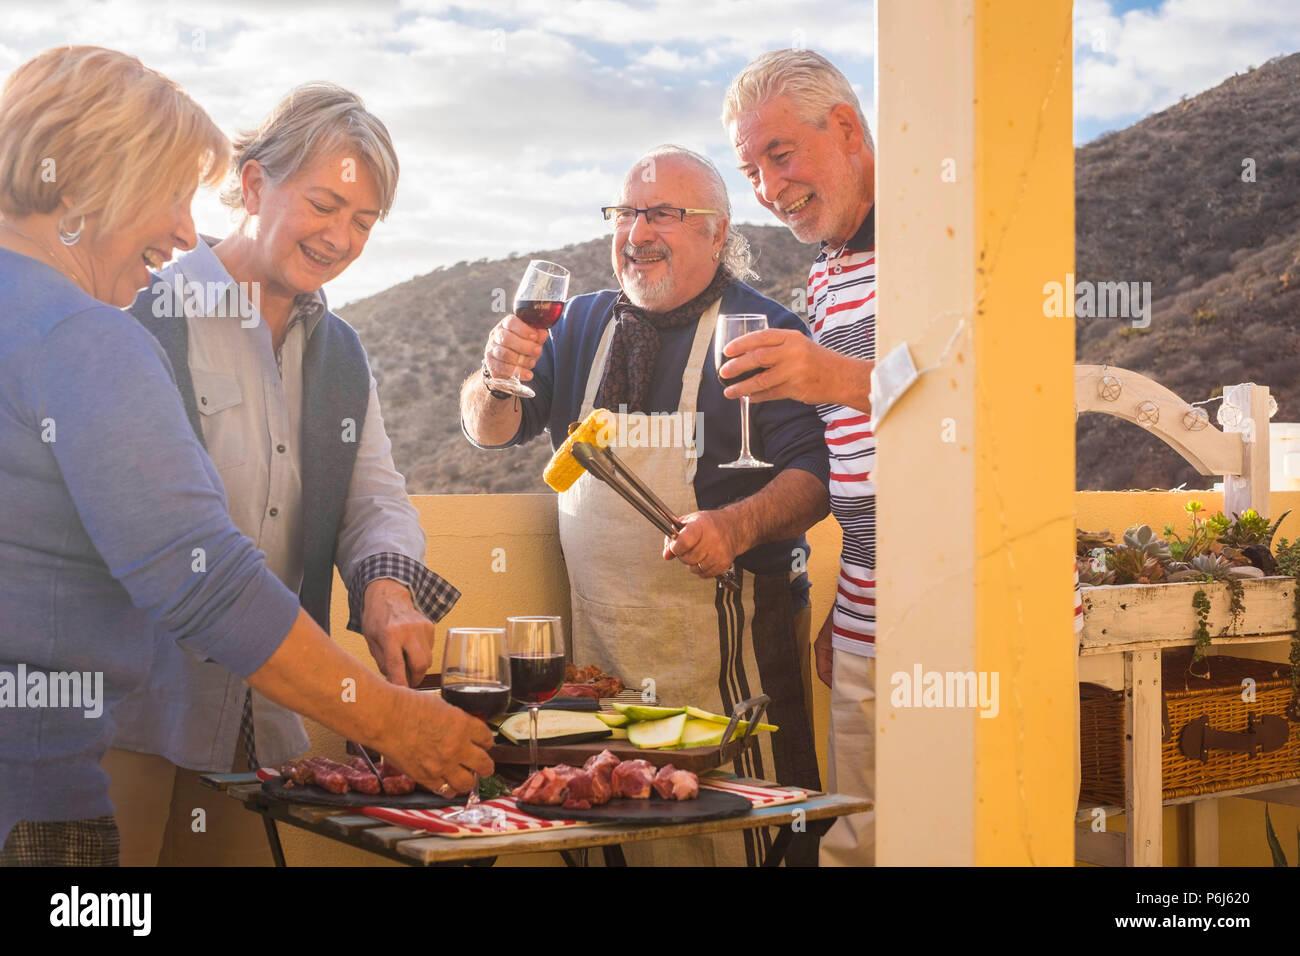 Quatre senior retraité s'amuser dans la terrasse à la maison la cuisine barbecue tout le monde sourit et rester ensemble dans l'amitié sous une belle journée ensoleillée. Banque D'Images